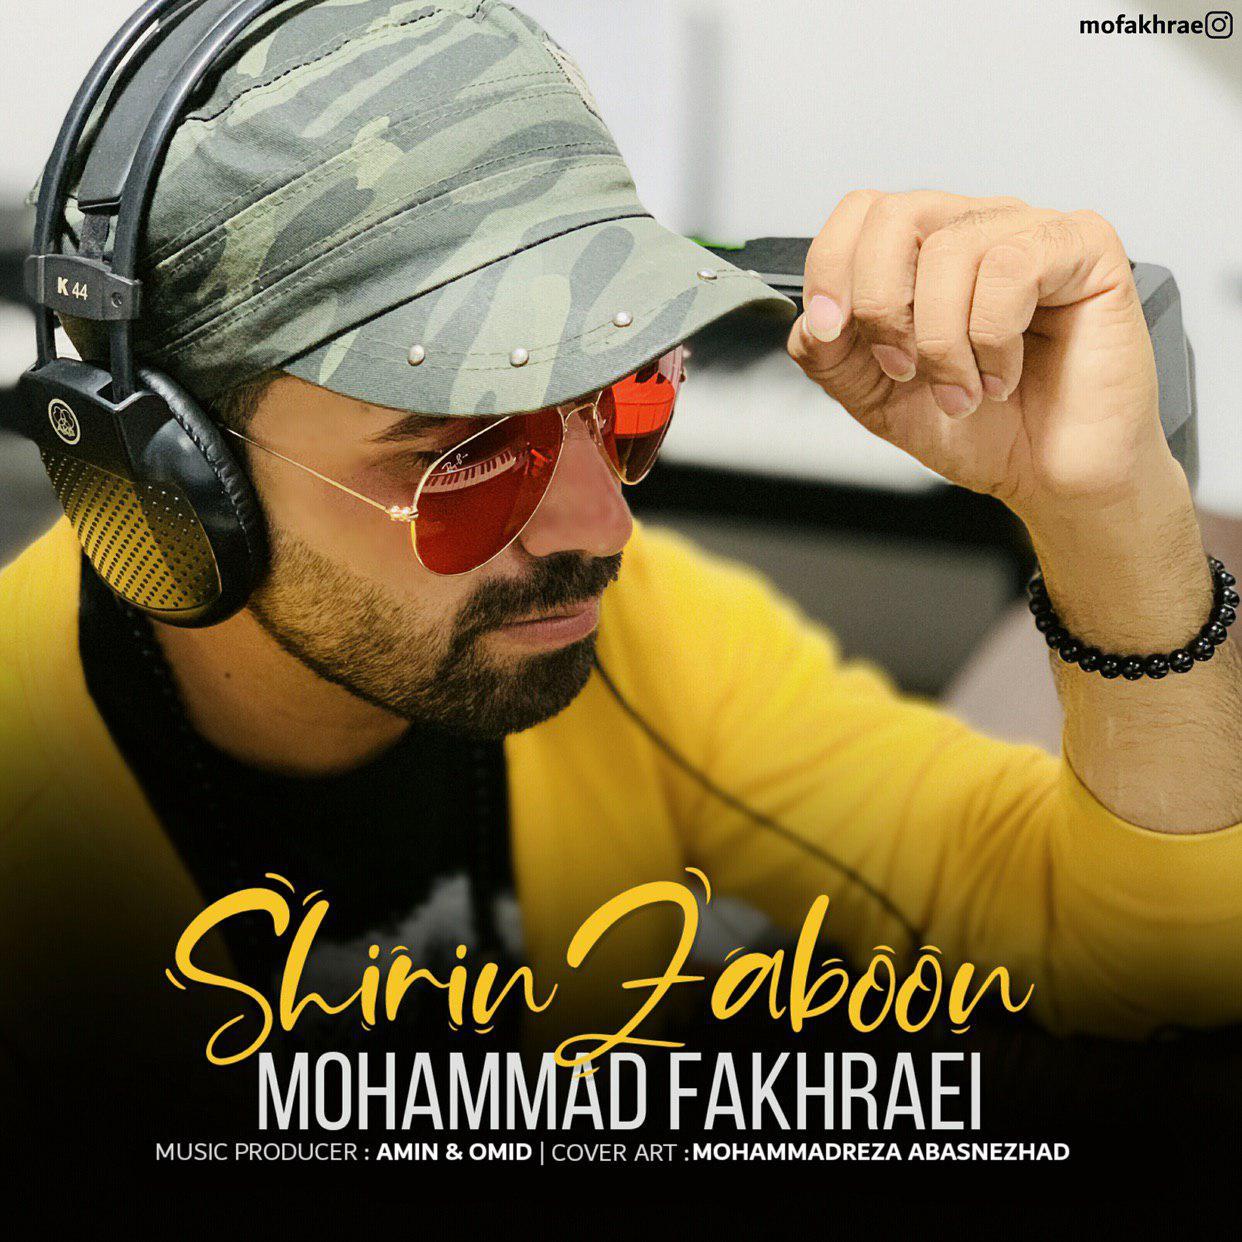 Mohammad Fakhraei – Shirin Zaboon